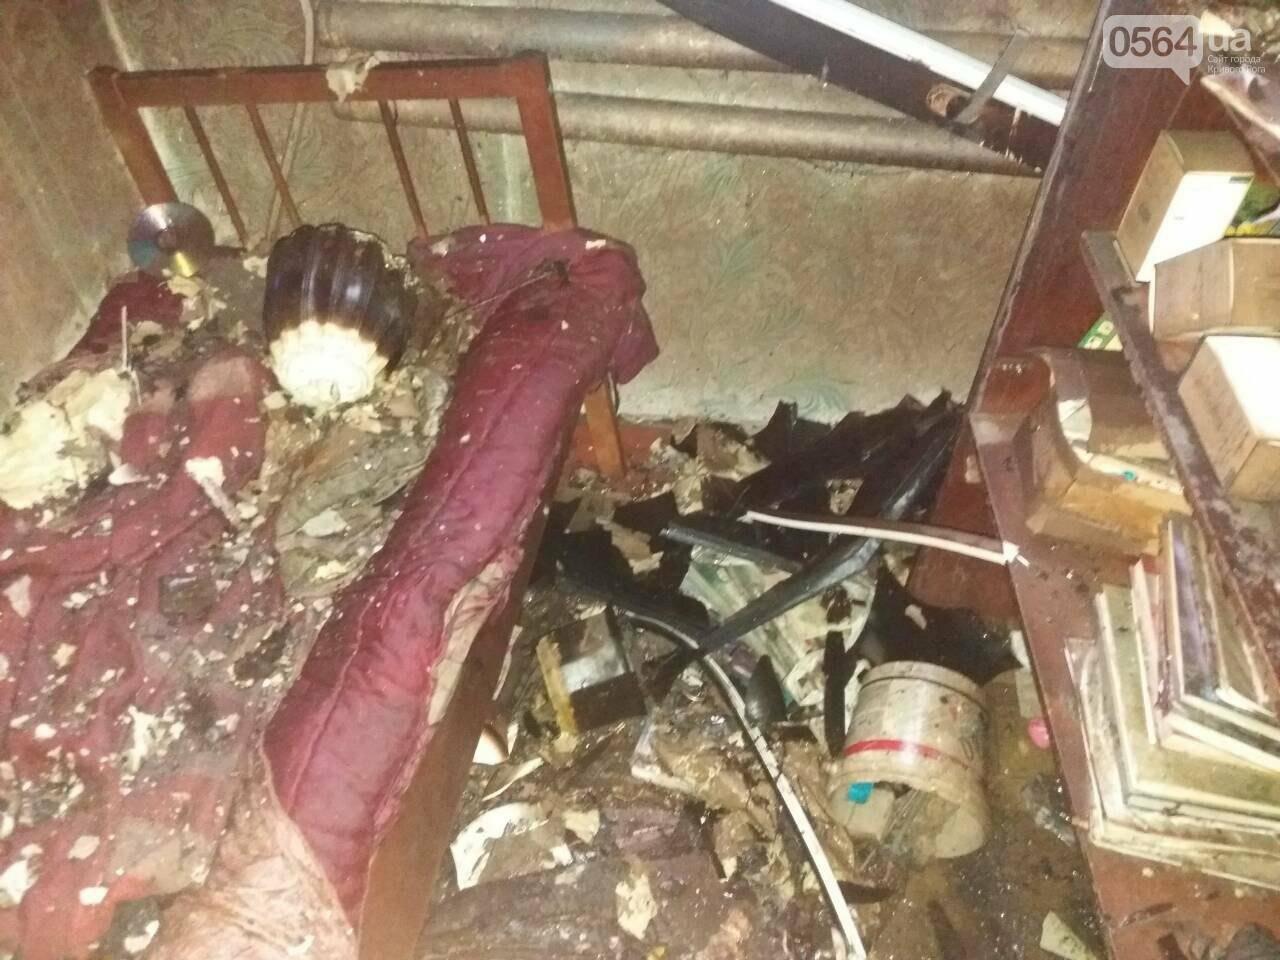 В Кривом Роге на пожаре обнаружили тело 40-летнего мужчины (ФОТО), фото-5